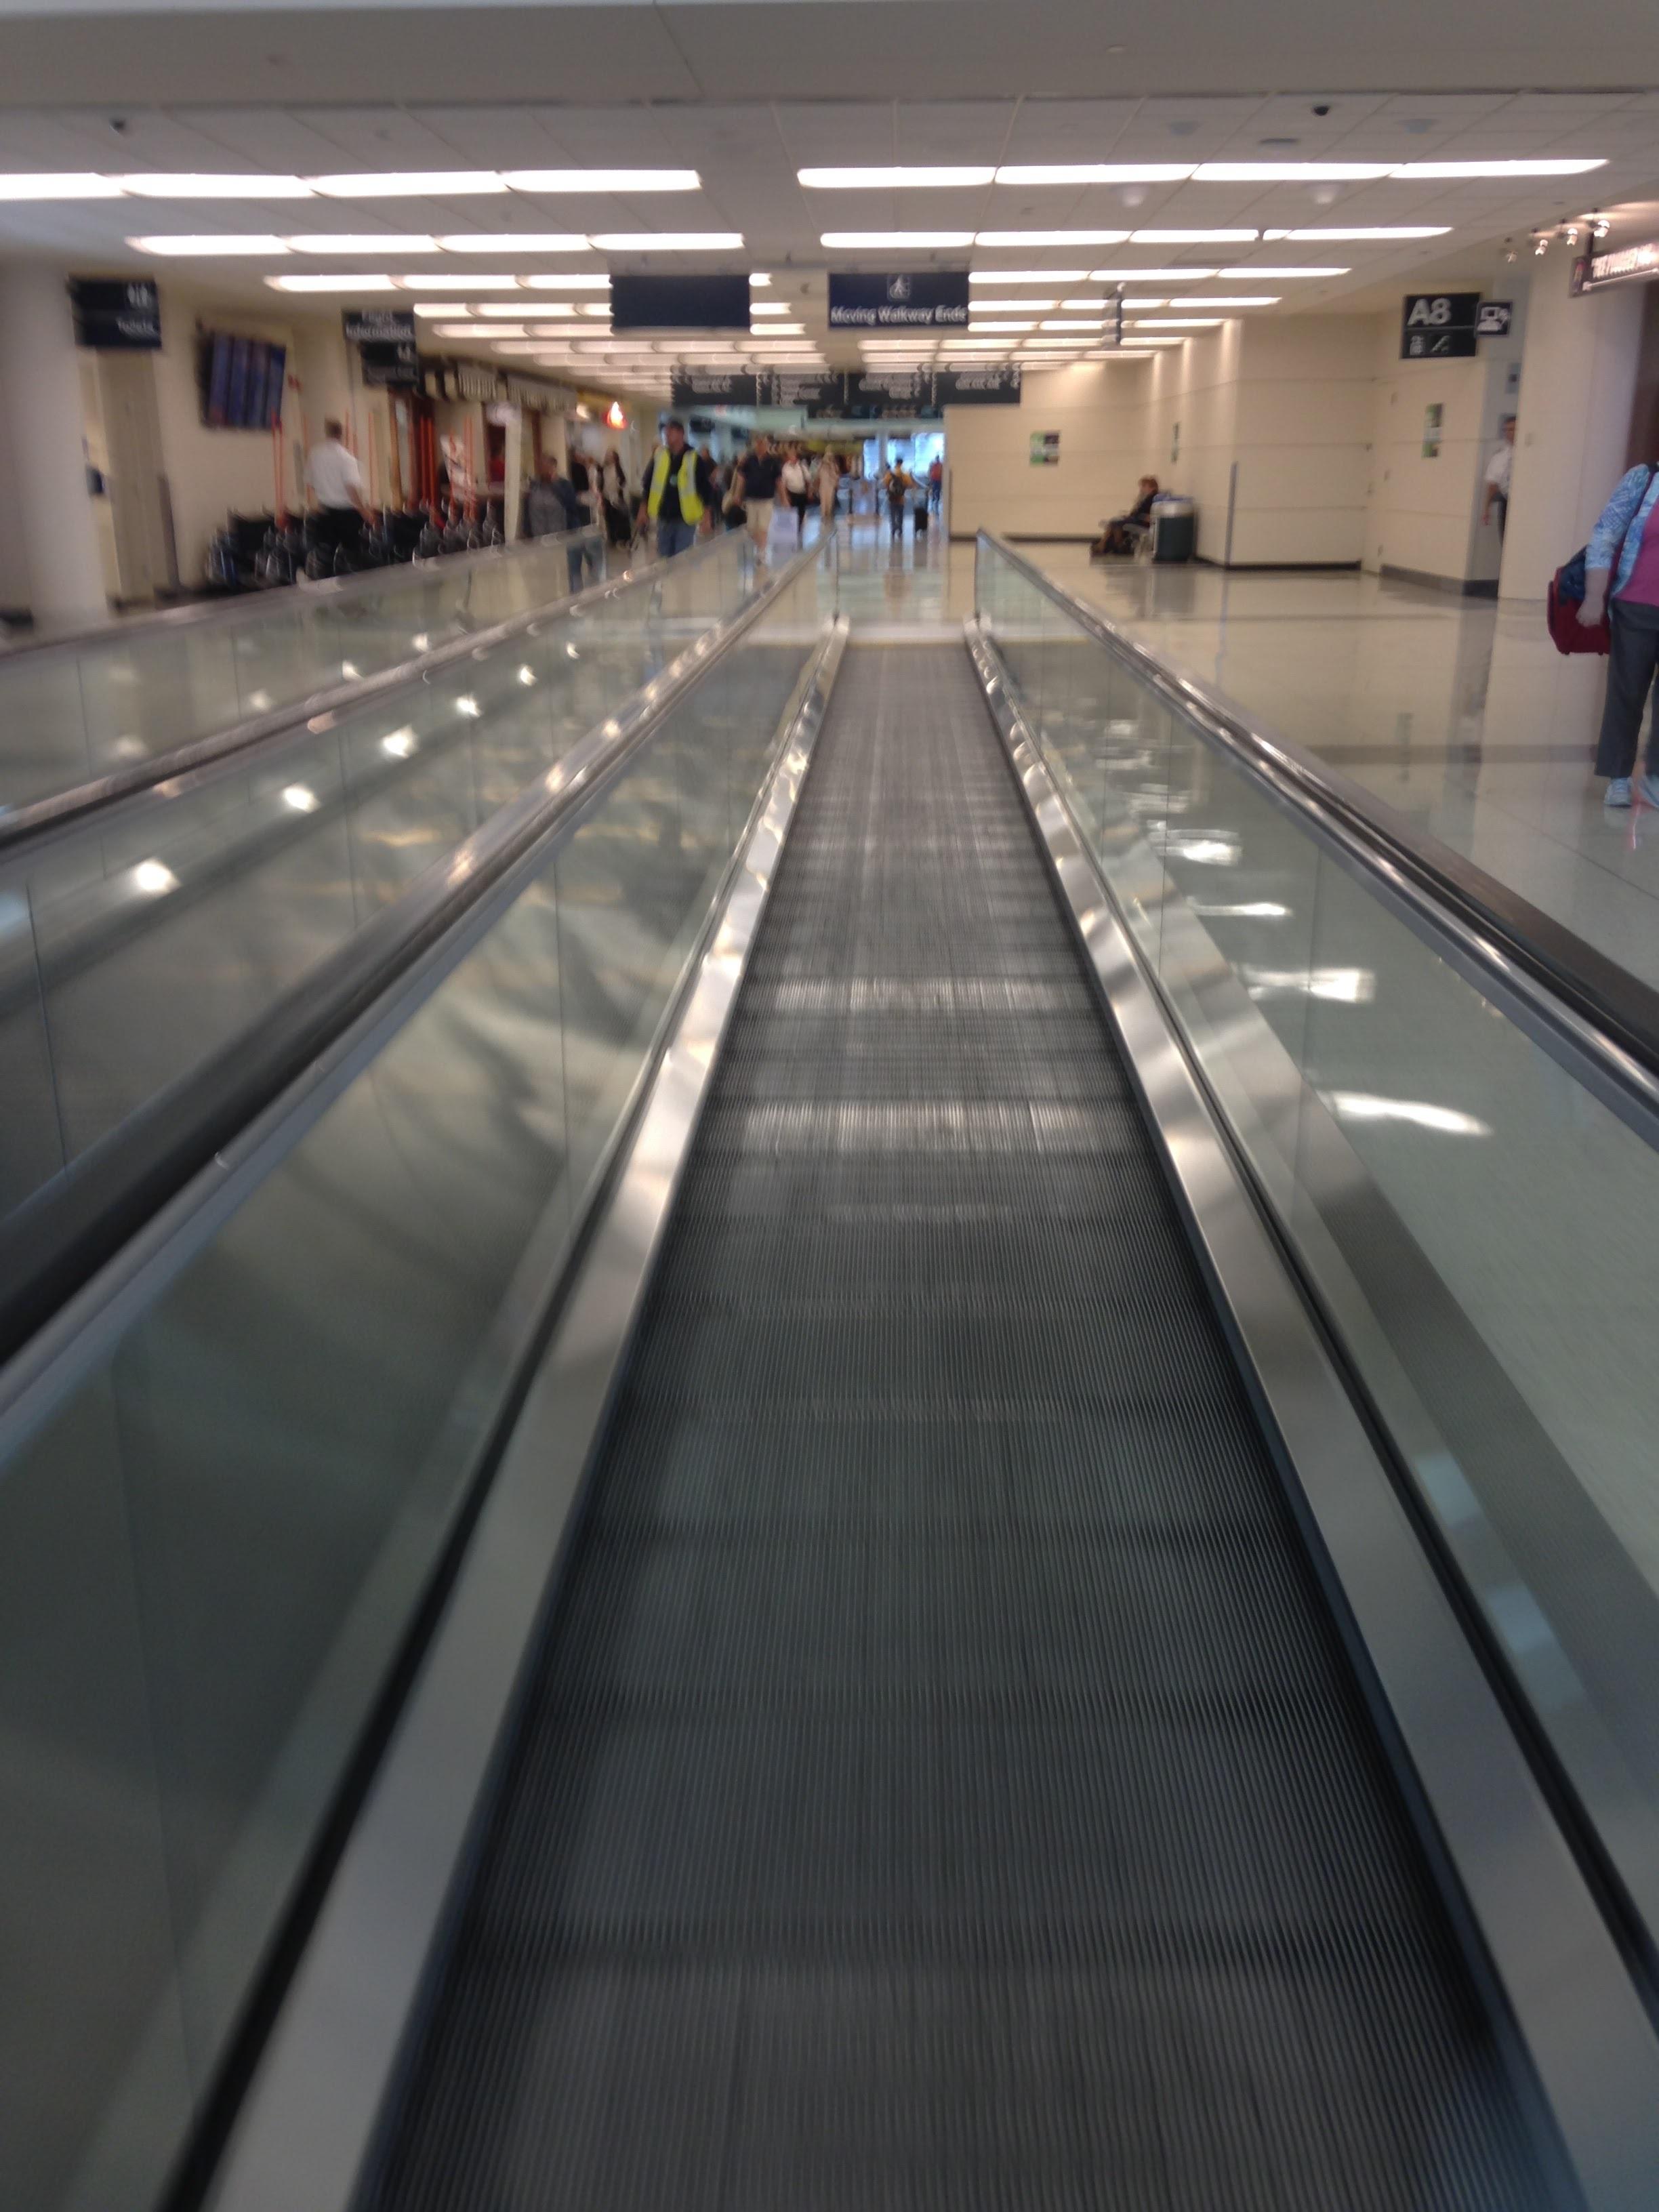 Airport-Moving-Sidewalks.jpg